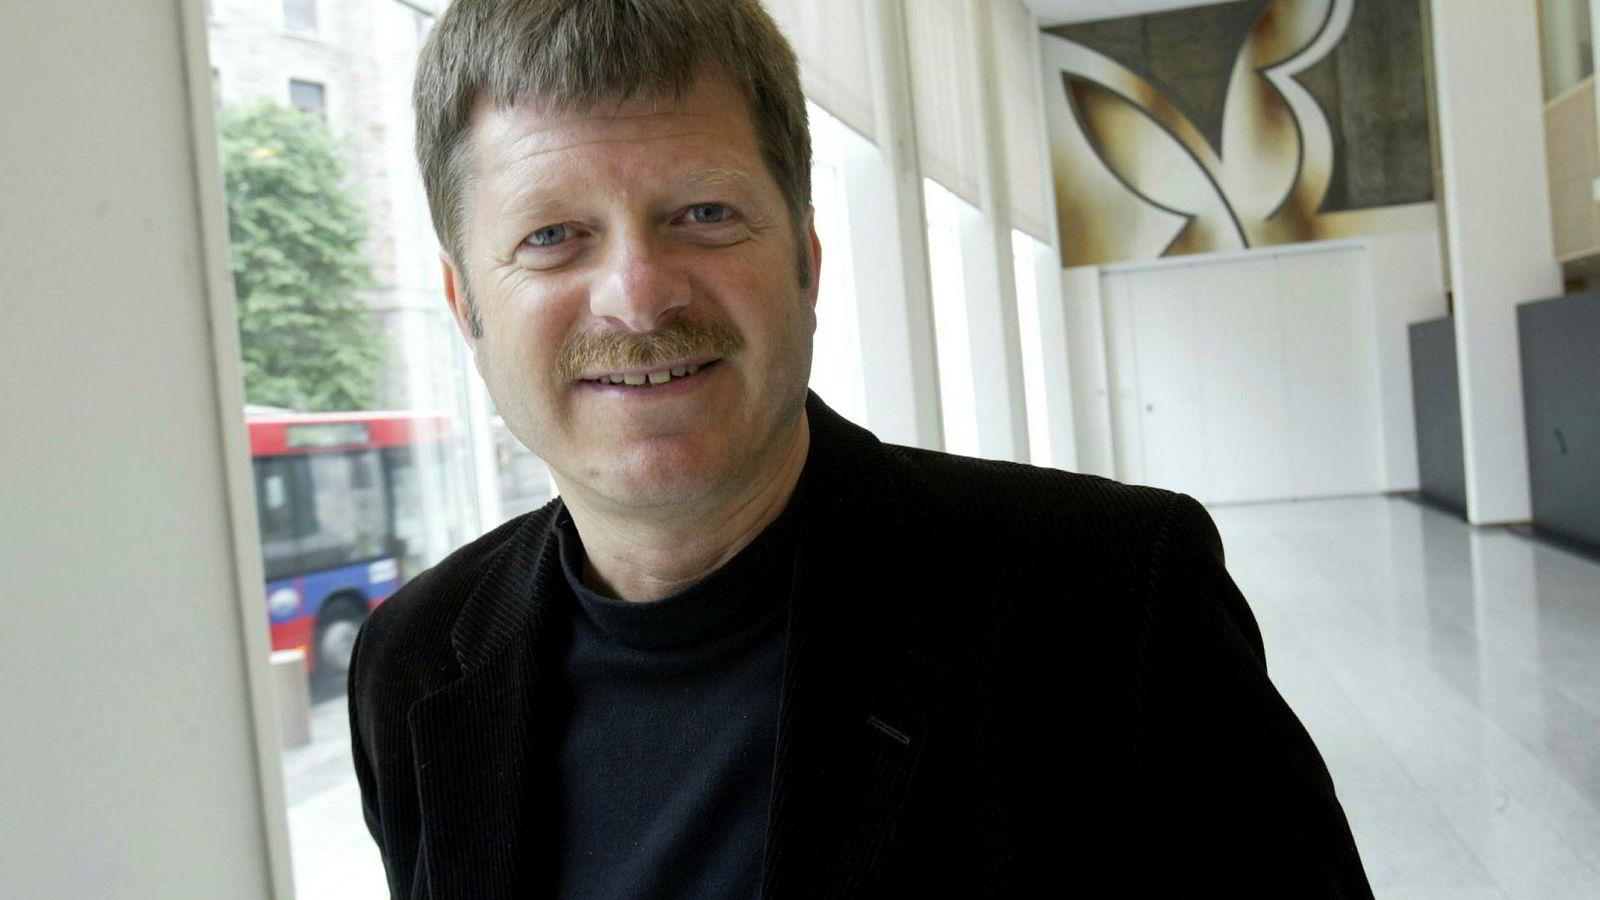 Odd Anders With er en av dem som melder seg ut av Krf etter at partiet gikk med i regjering med Frp.